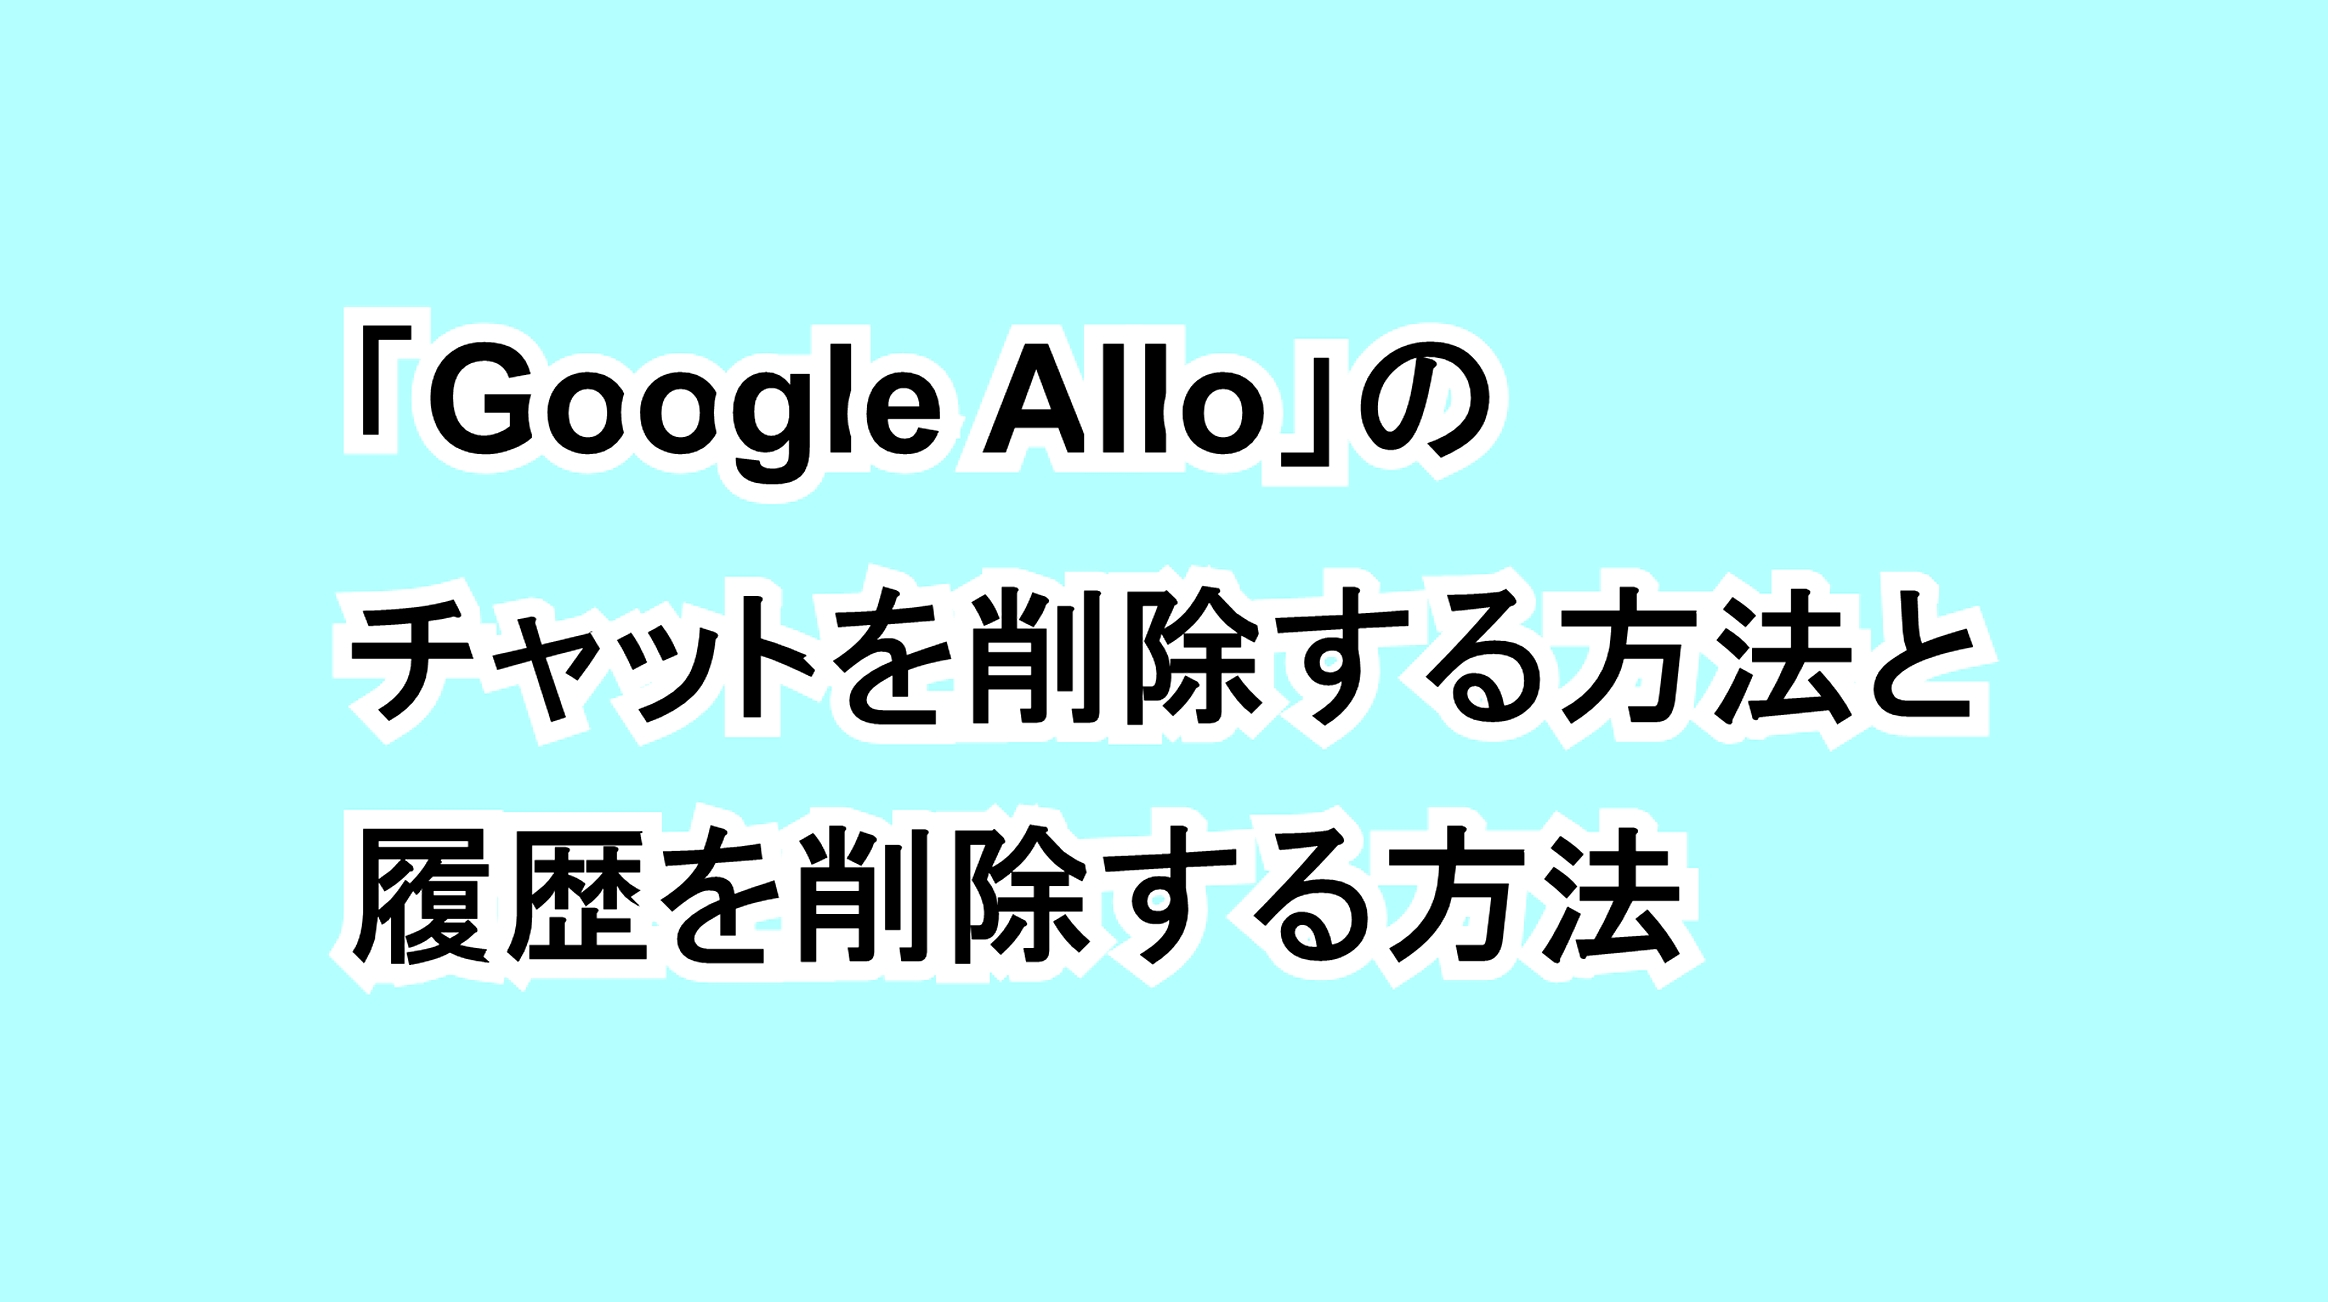 「Google Allo」のチャットを削除する方法と履歴を削除する方法